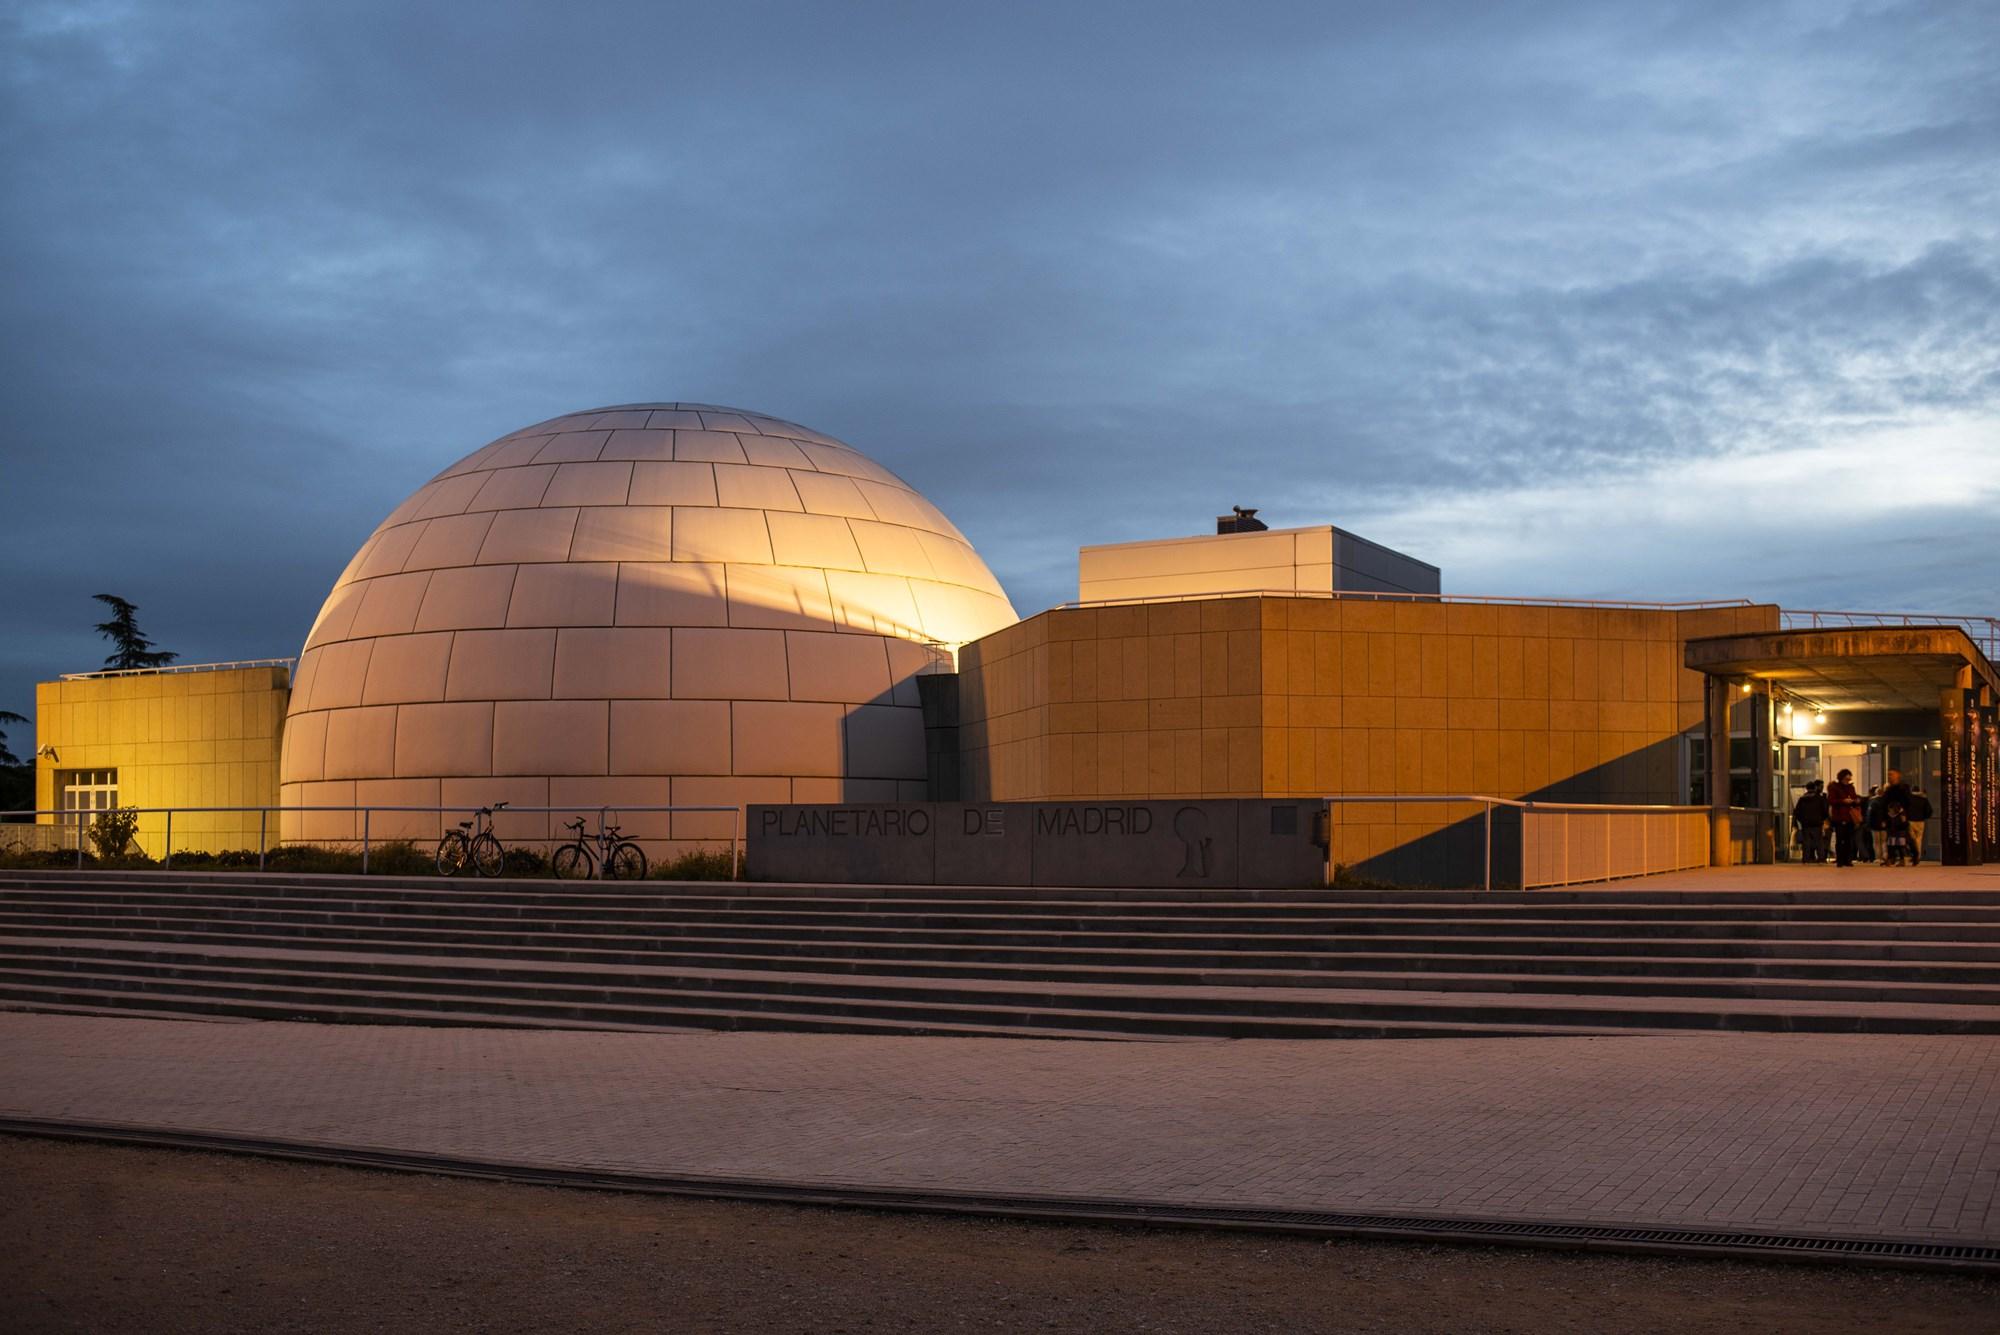 Inaugurado en 1986, fue remodelado hace apenas dos años.